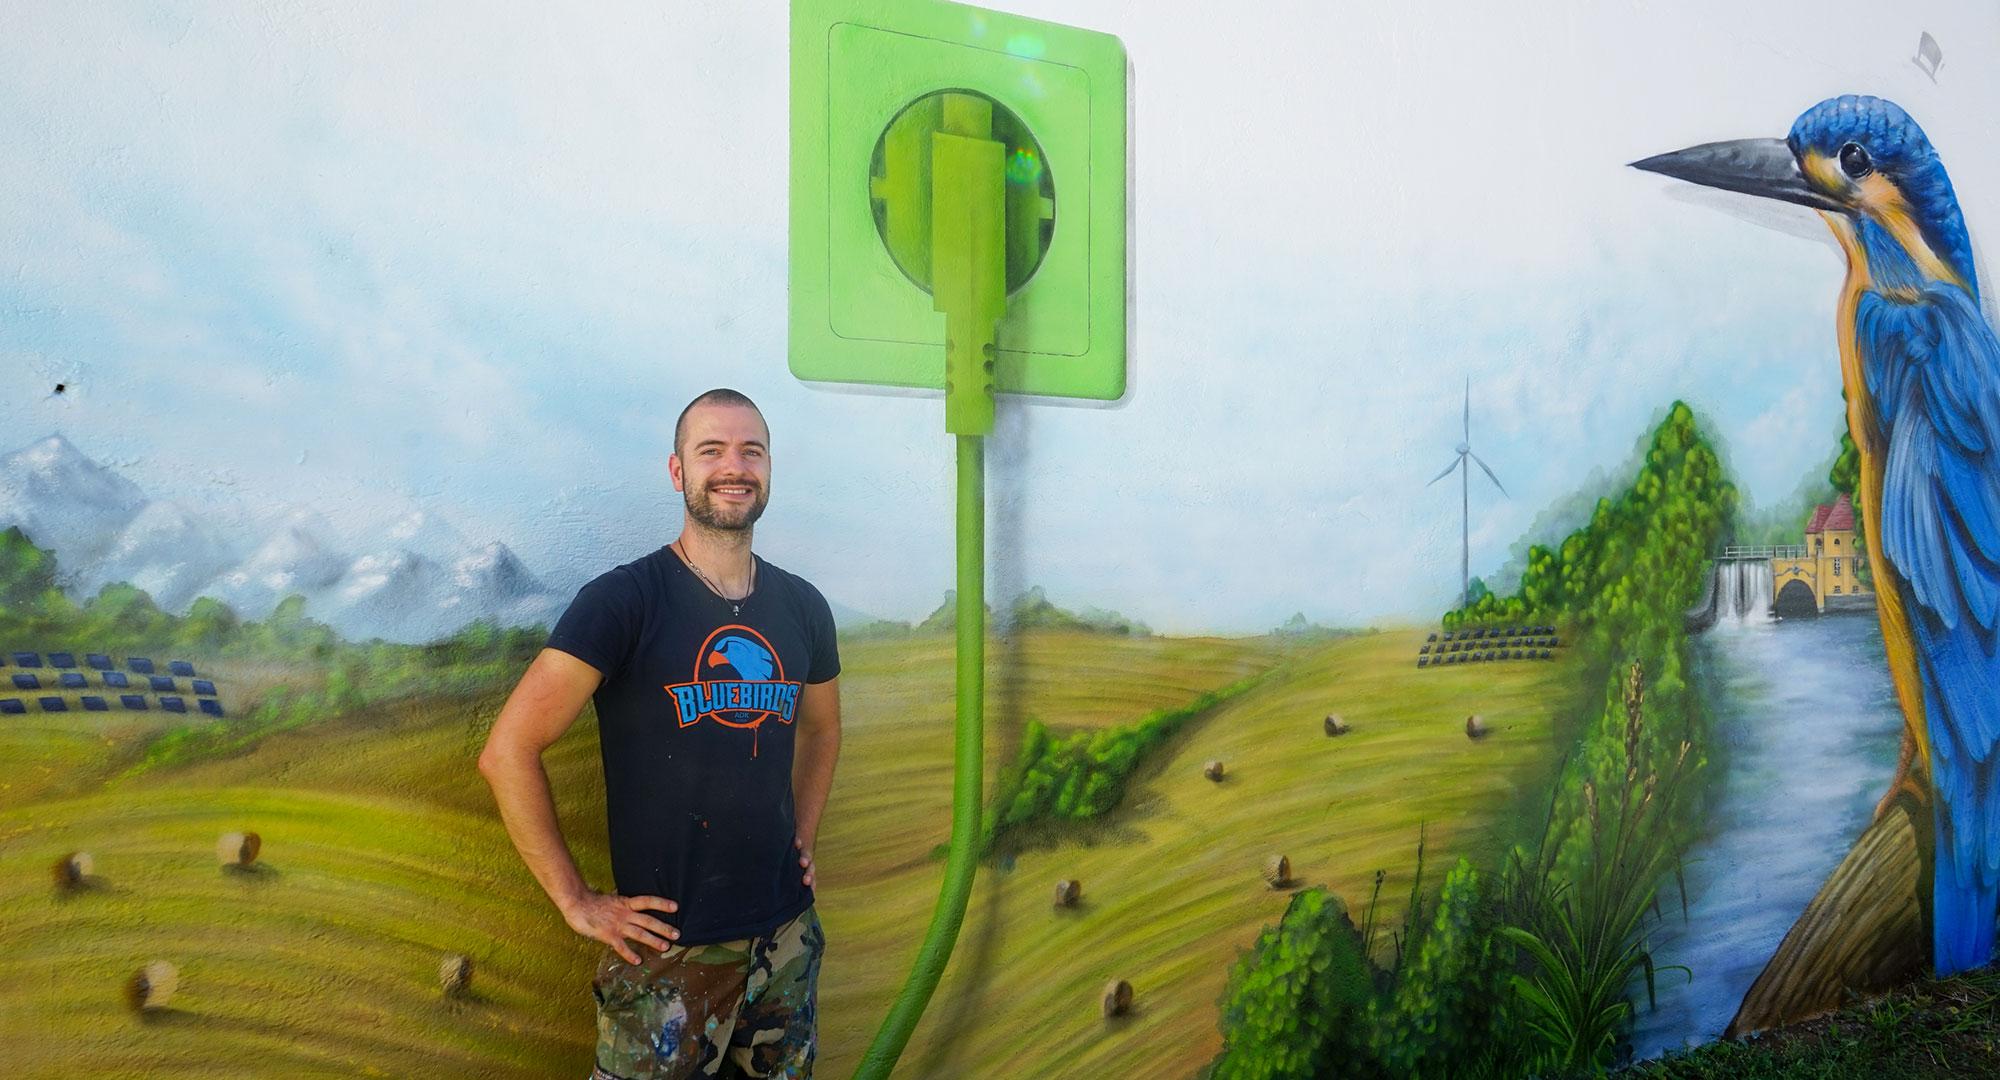 Detailsfoto von Pyser vor dem Graffiti für Rothmoser zum Thema Nachhaltigkeit mit einem Eisvogel, der Natur rund um Grafing und einer großen grünen Steckdose als Symbol für dne Rothmoser Naturstrom